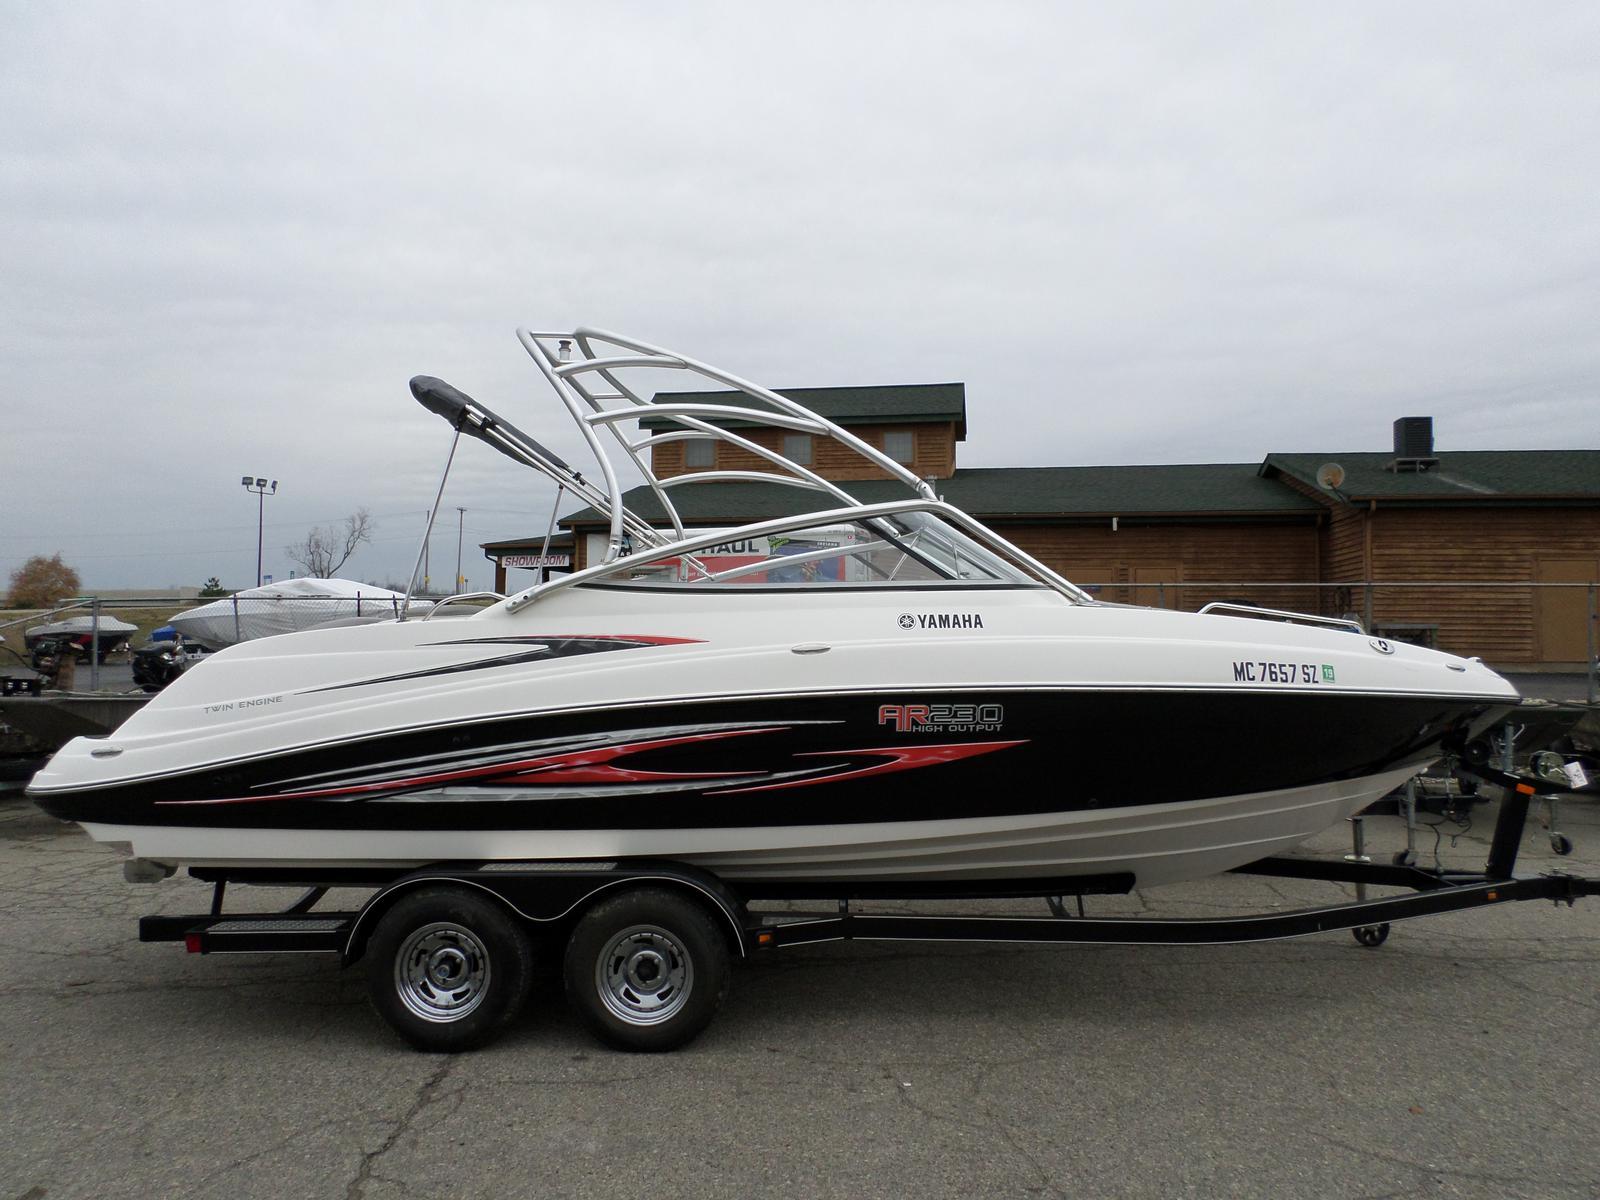 yamaha ar230 high output boats for sale